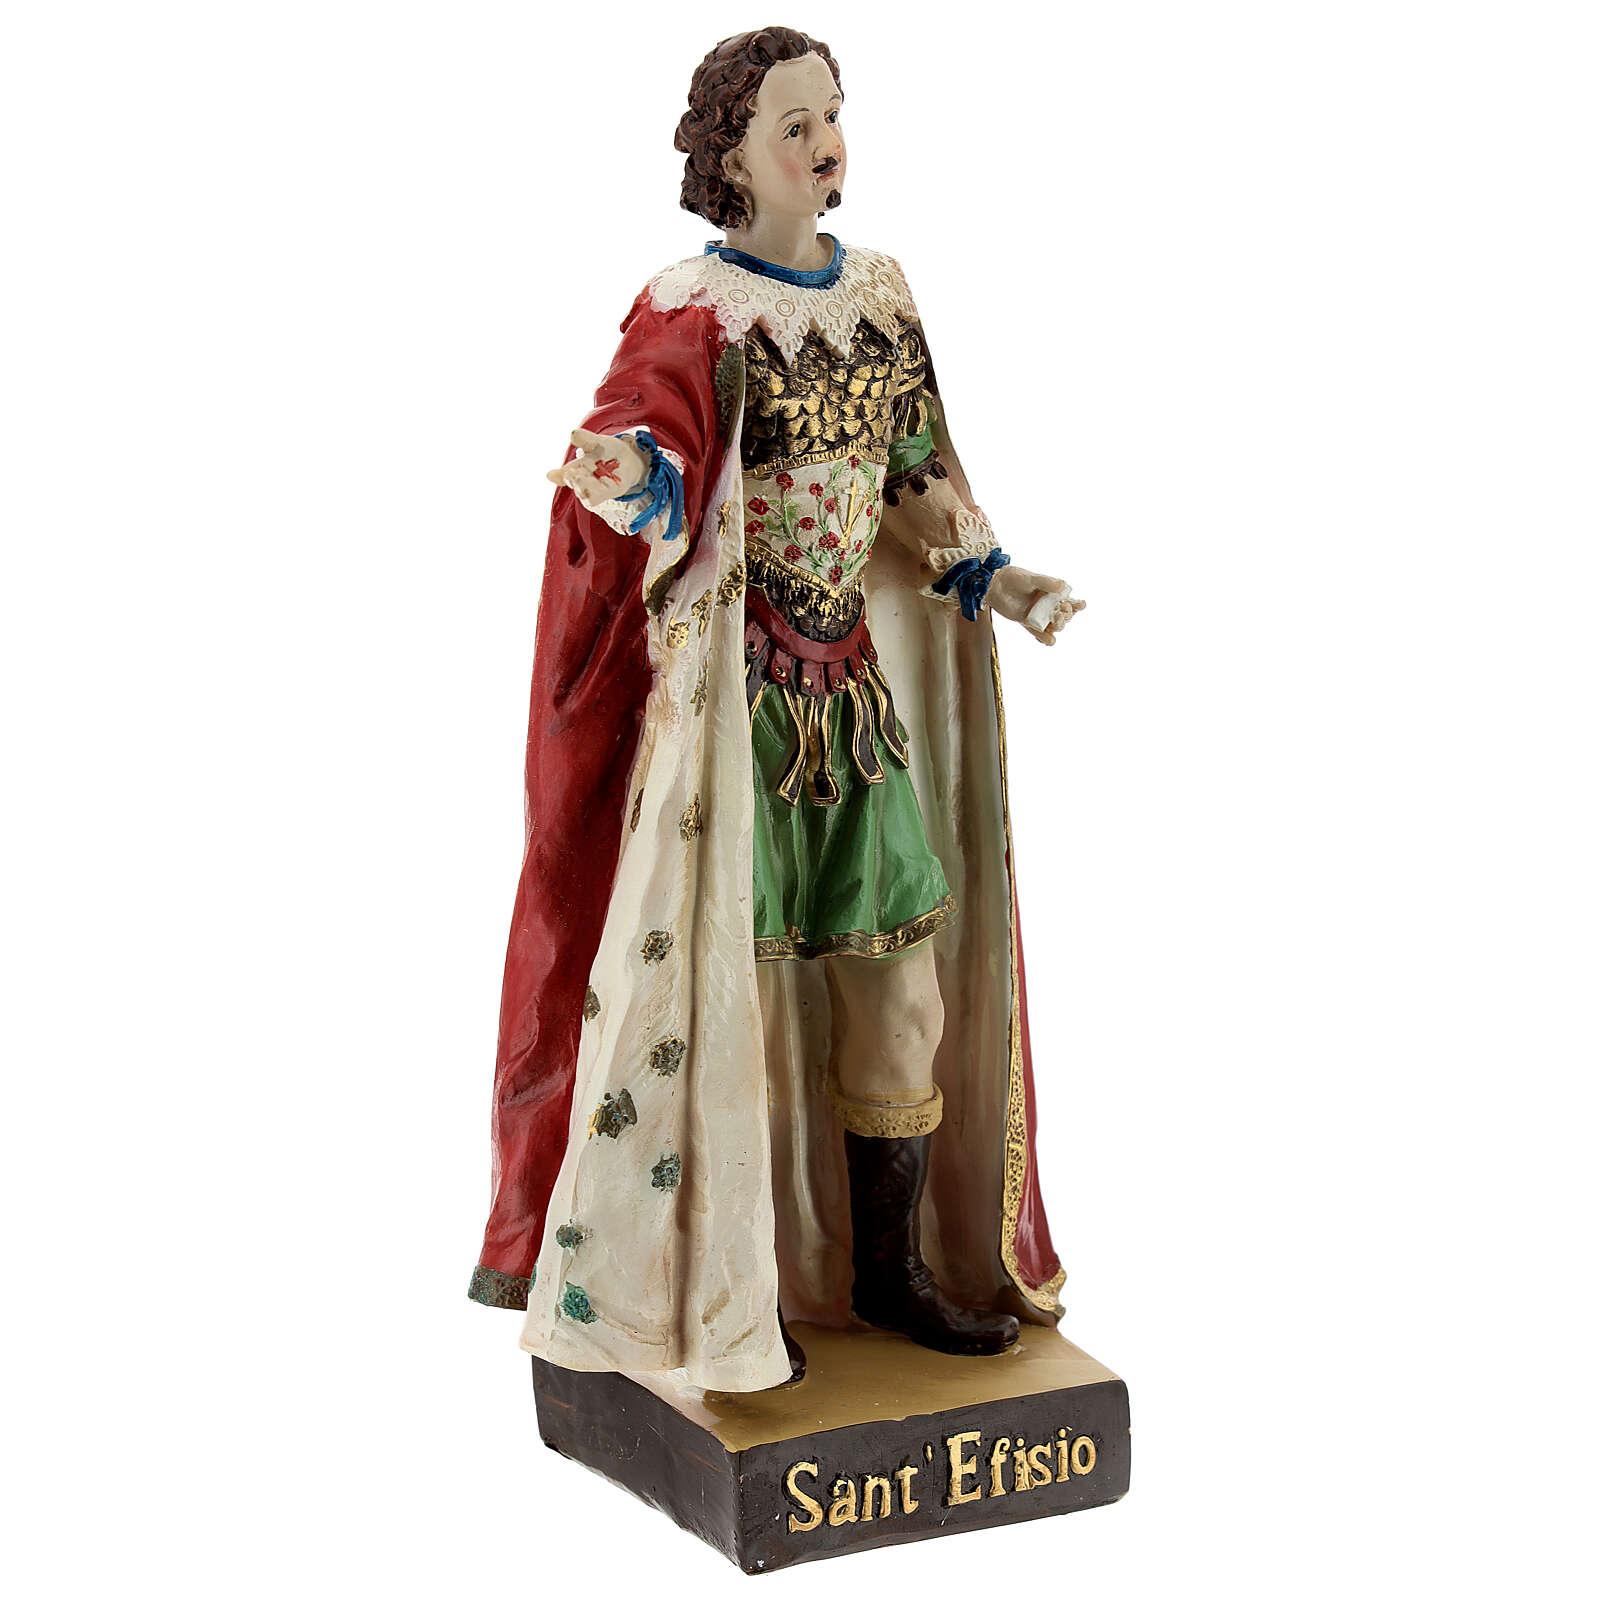 Sant'Efisio statua resina 20 cm 4